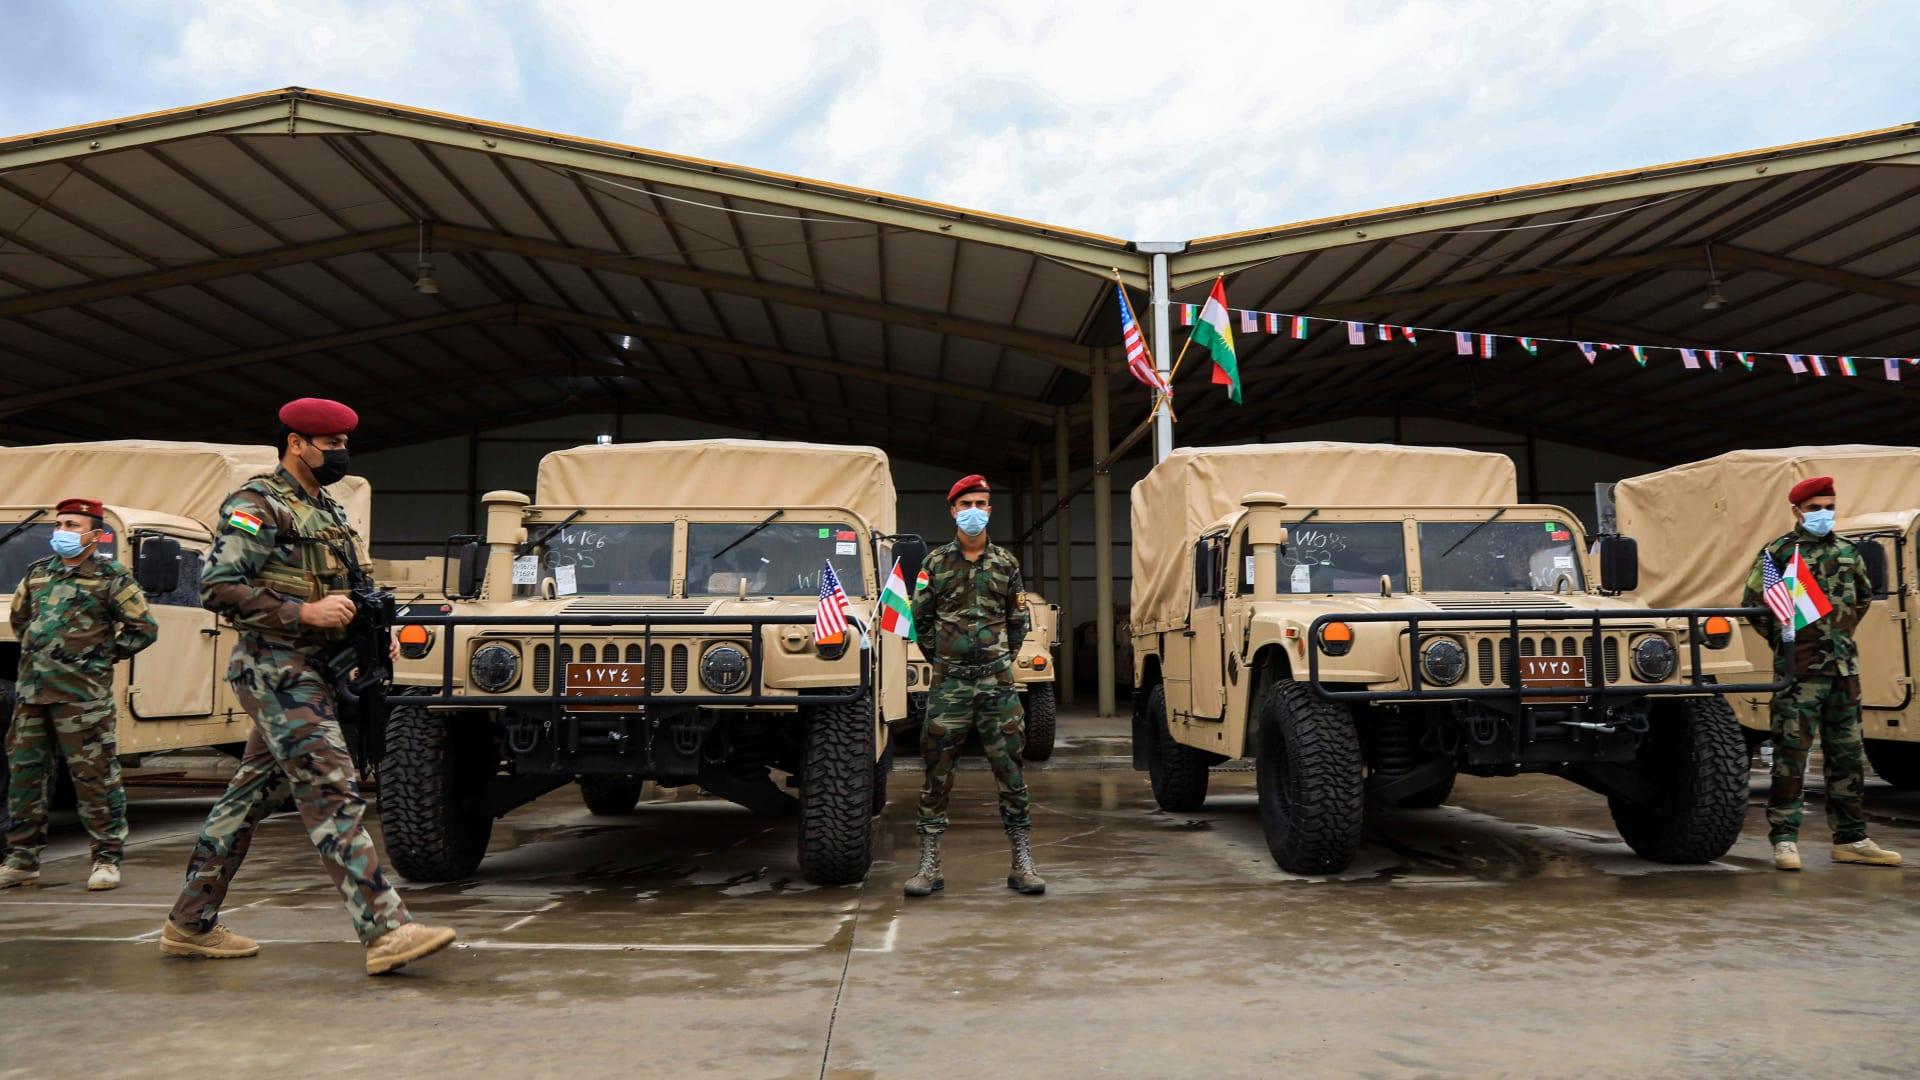 سلطات كردستان: مشتبه به في هجوم أربيل قال إن الصواريخ المستخدمة كانت إيرانية الصنع